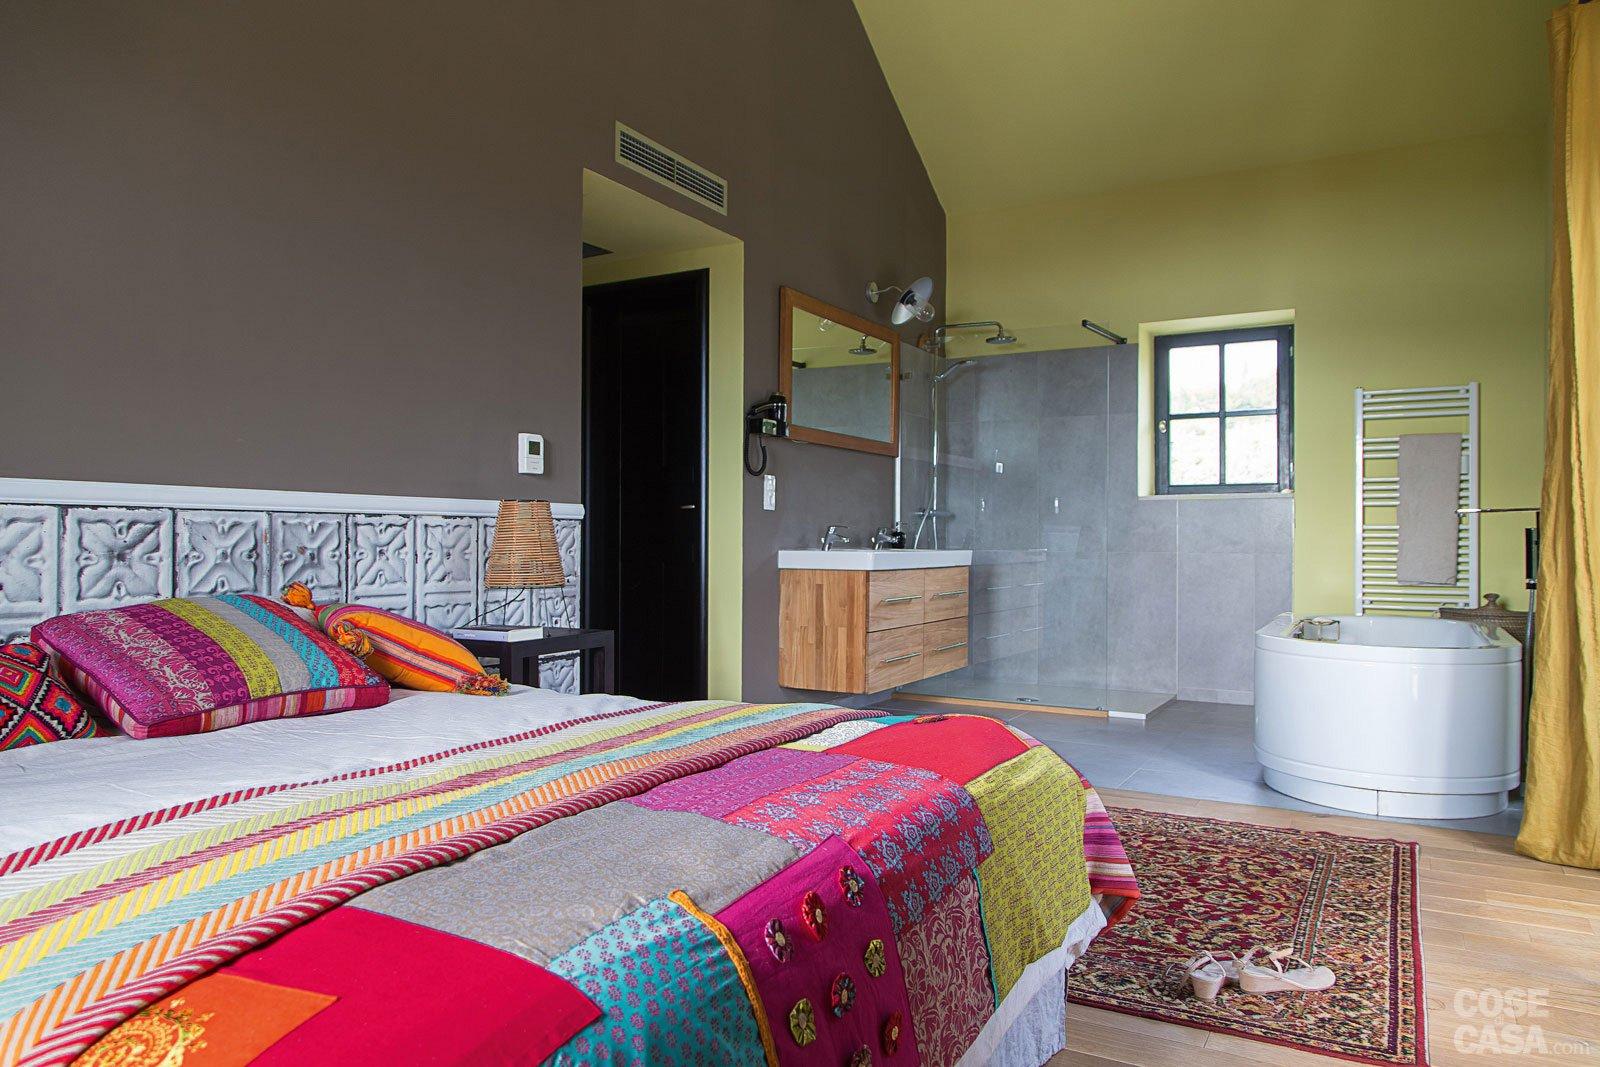 Suggestioni estive una casa tra luce e colori cose di casa - Casa a colori ...